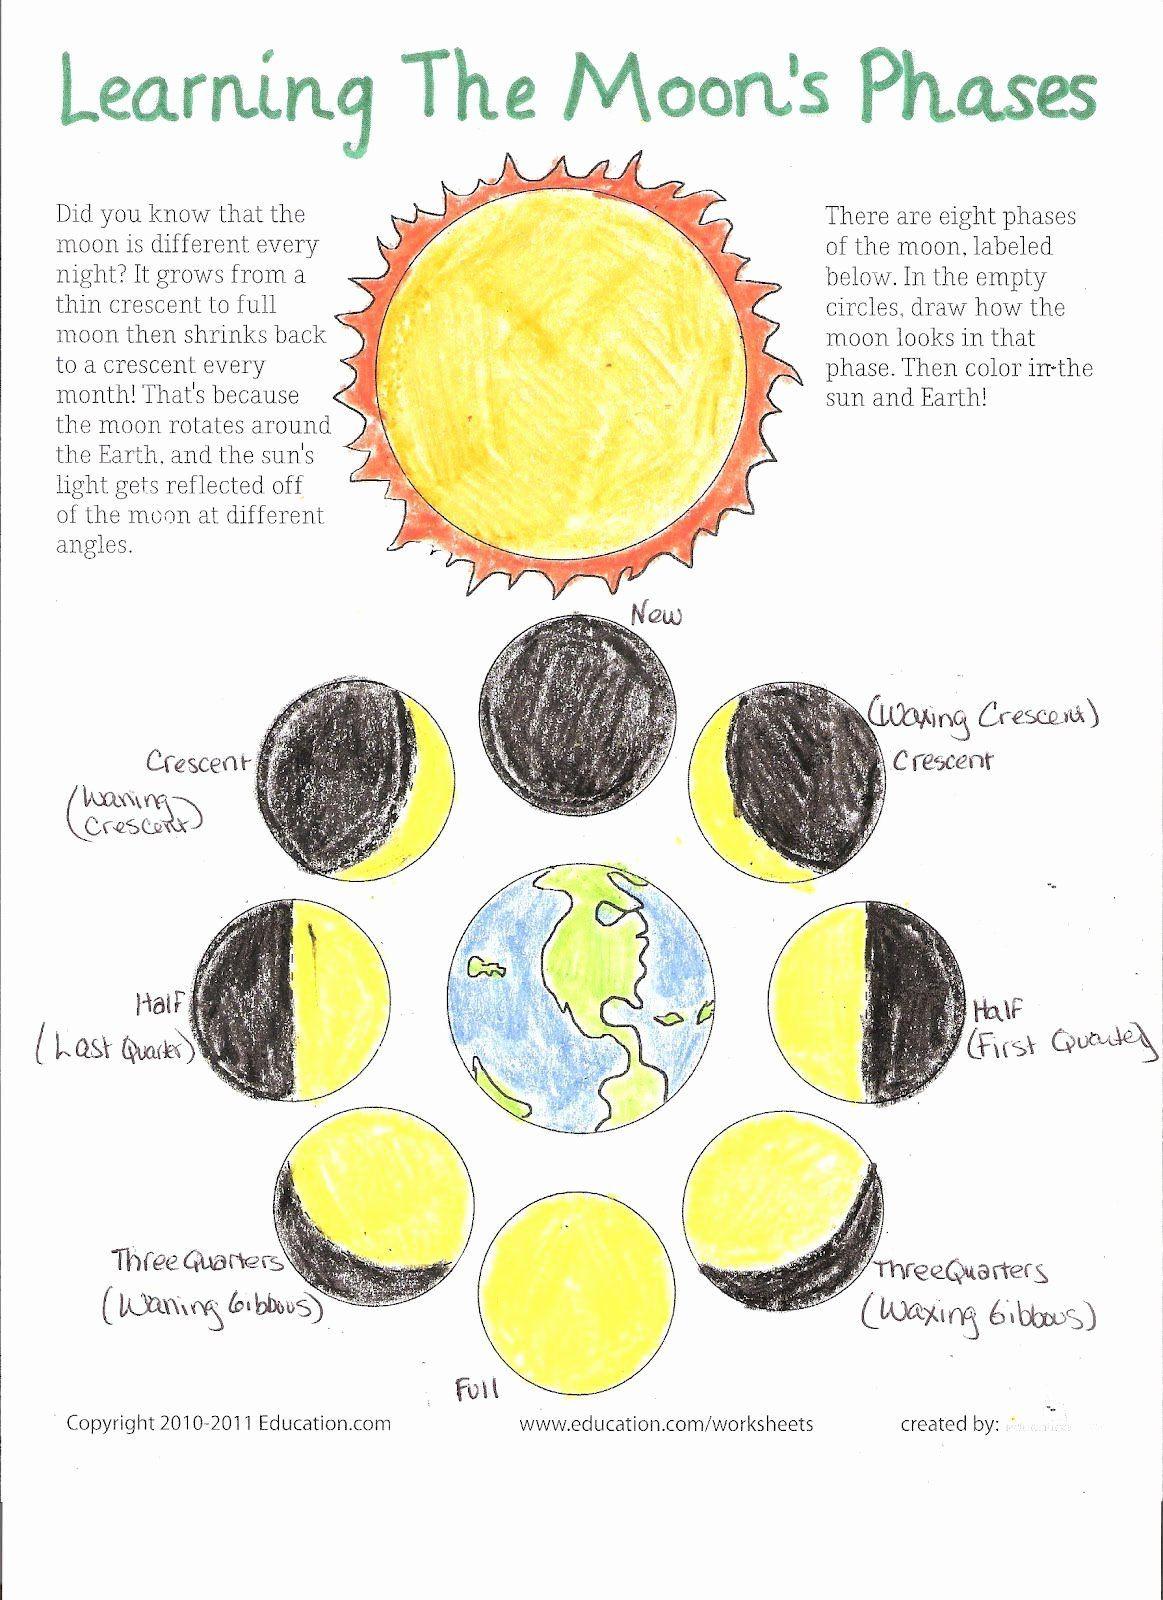 Moon Phases Worksheet Pdf 50 Moon Phases Worksheet Pdf In 2020